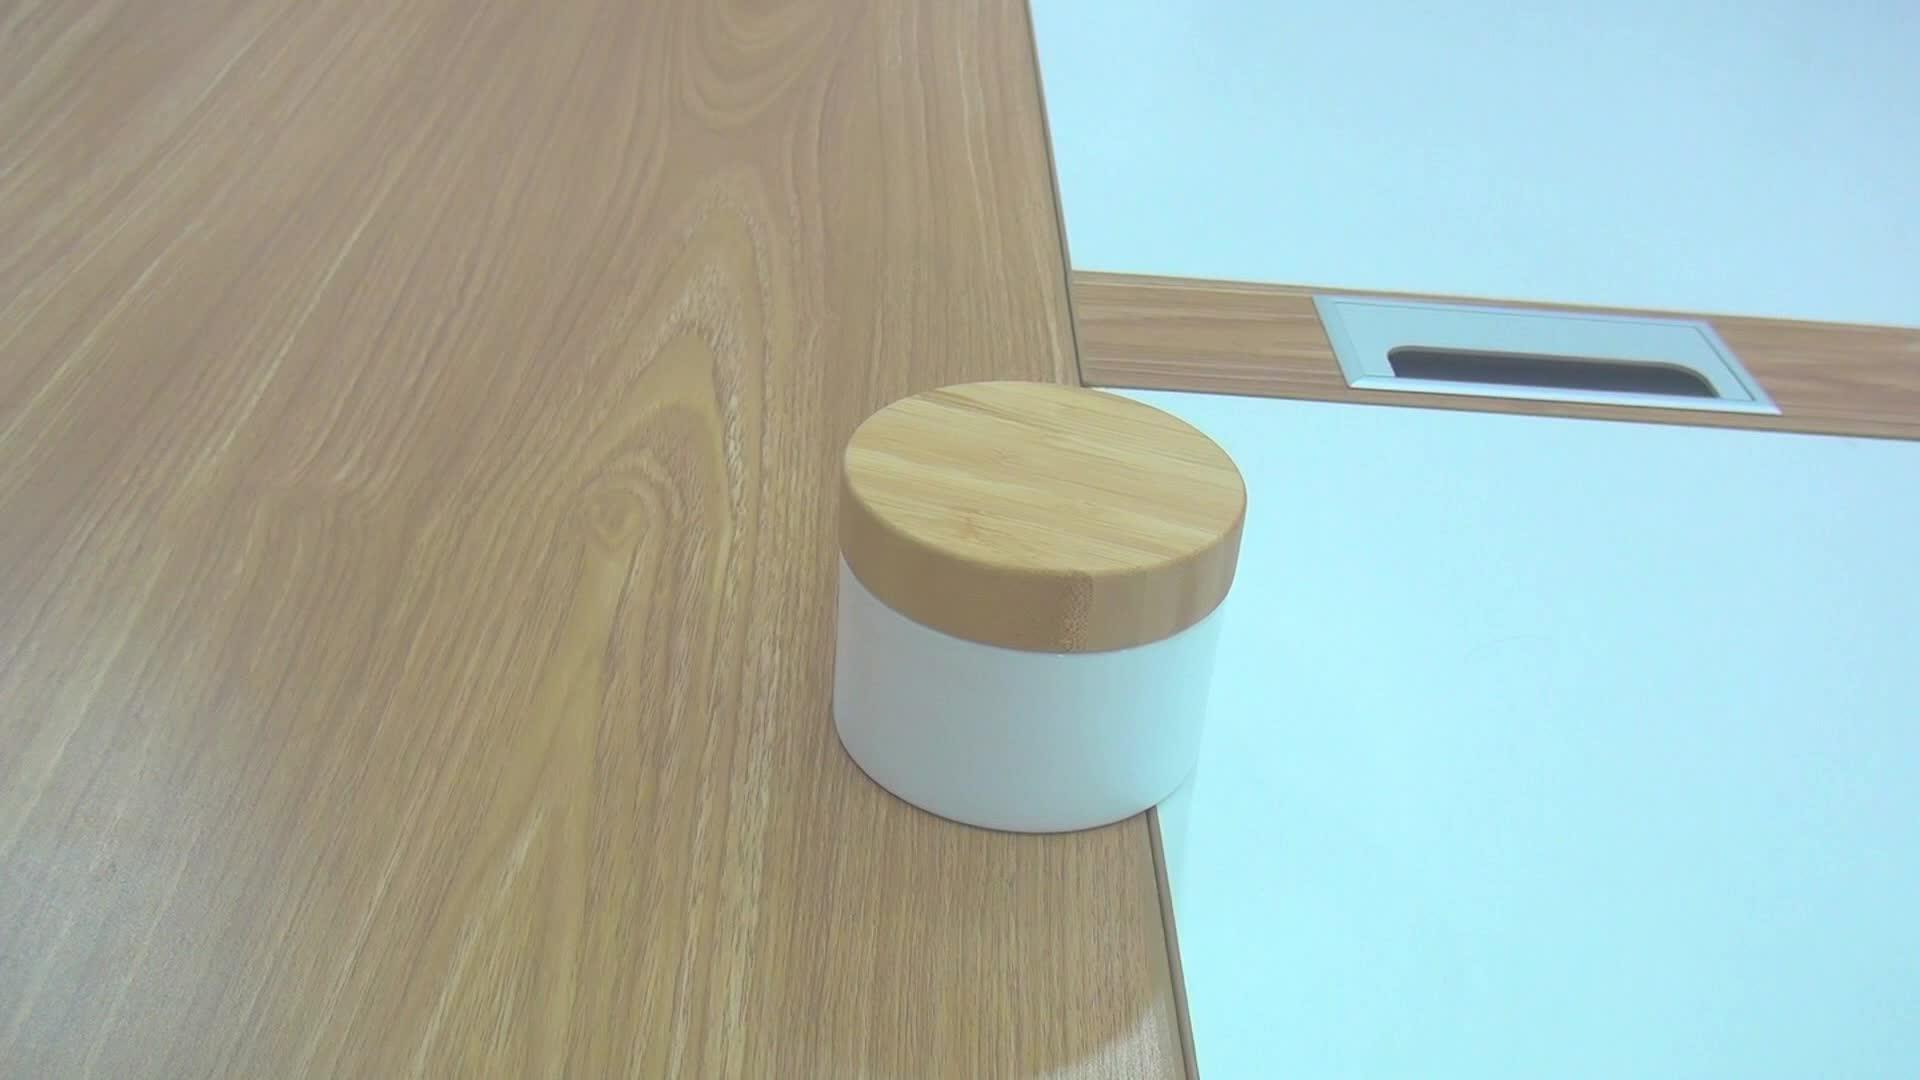 Récipient cosmétique 1 oz 2 oz 30 ml 50 ml 60 ml 100 ml pot de crème en plastique pp avec bois couvercle en bambou